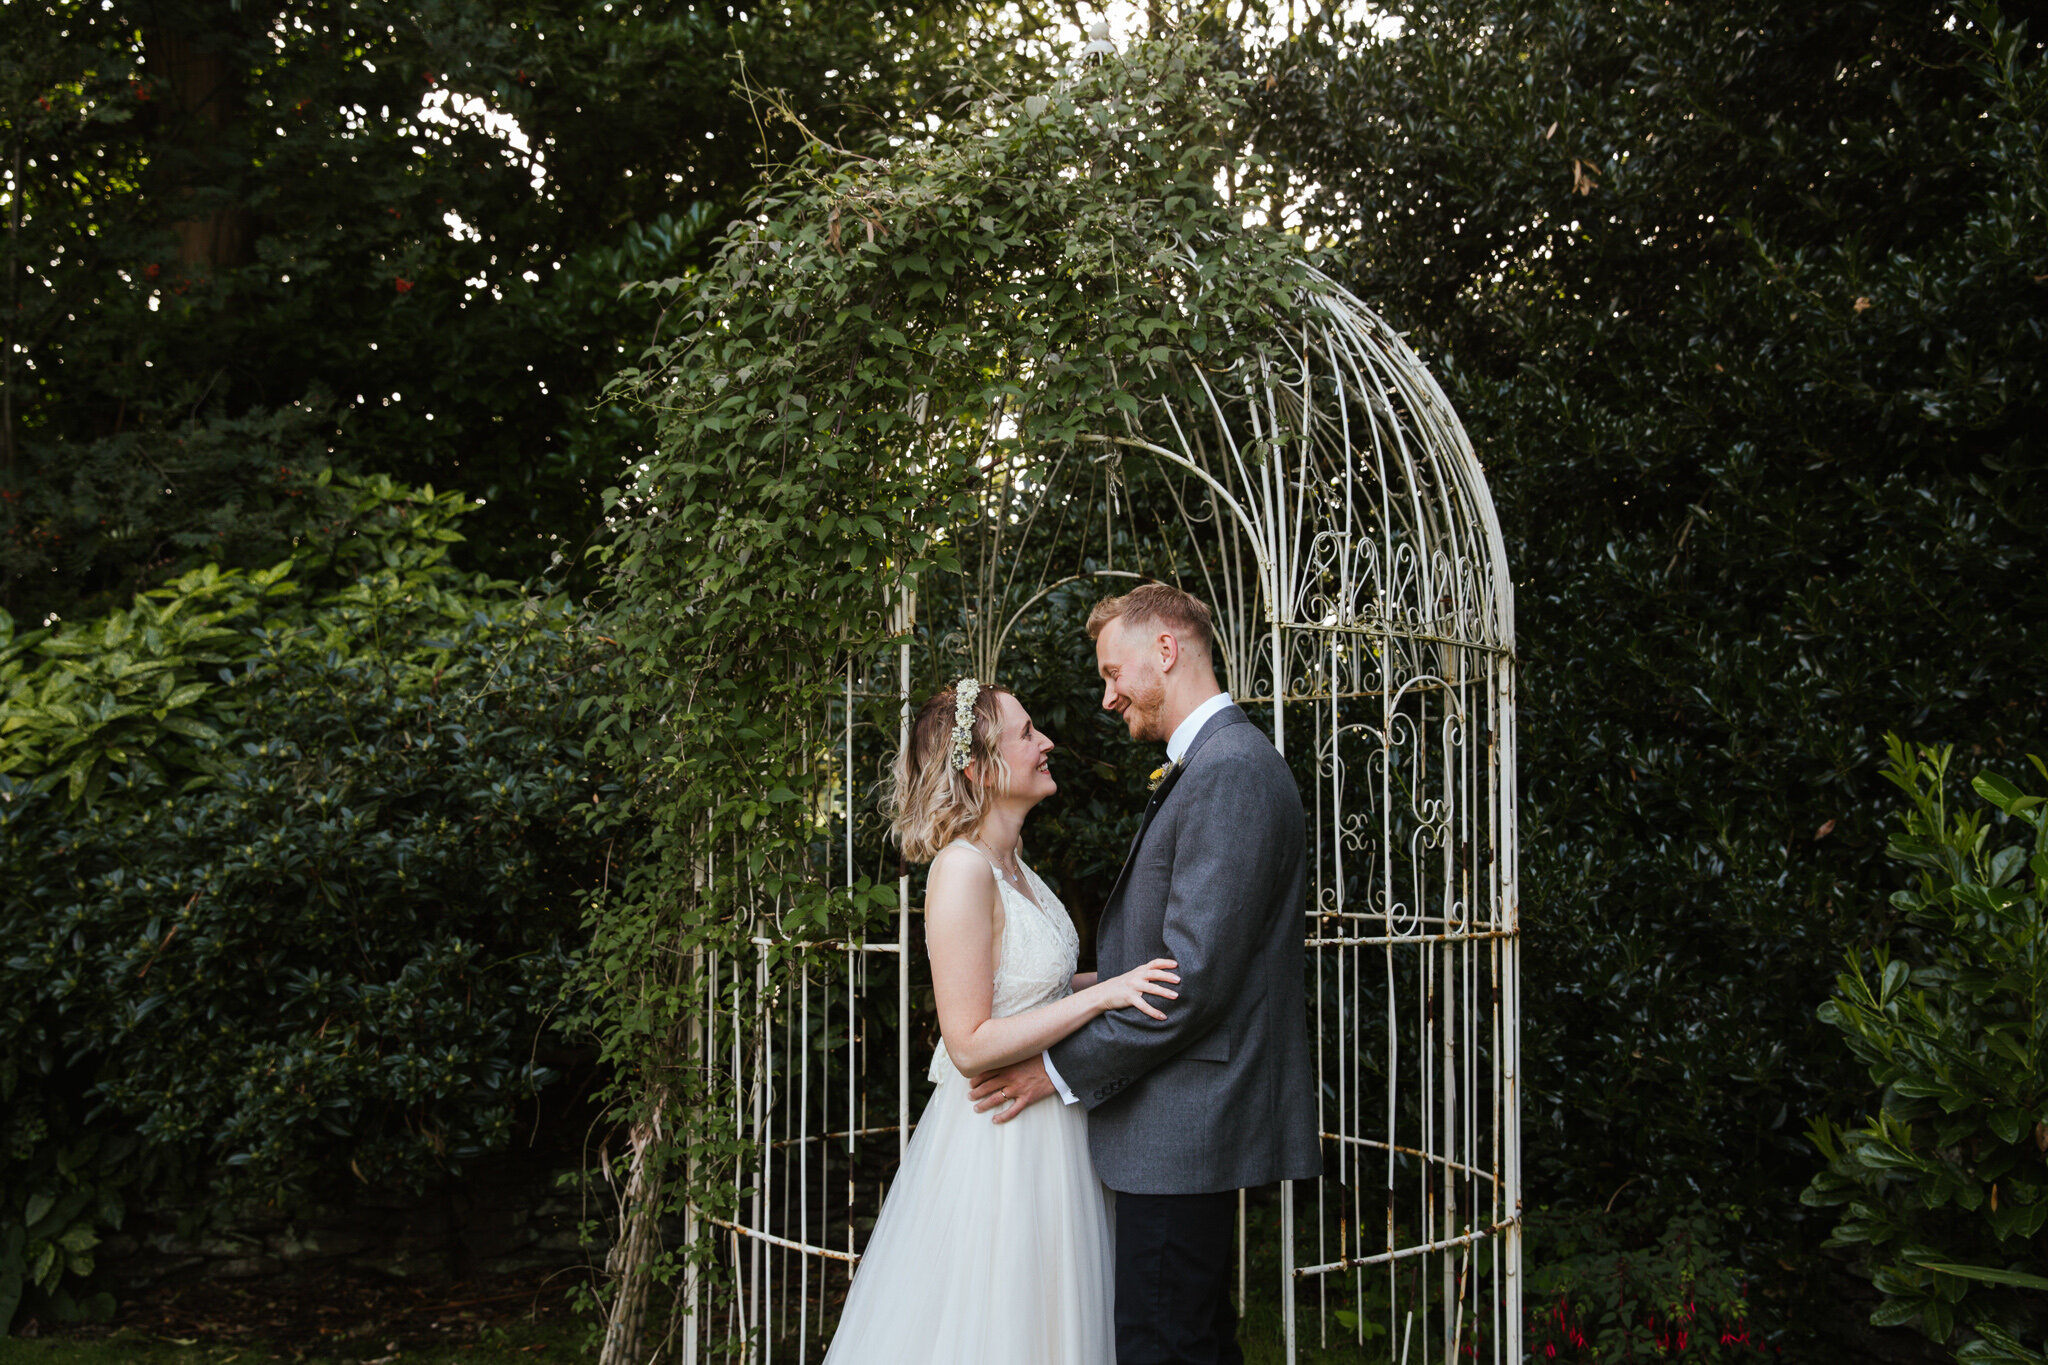 Leeds-Yorkshire-Wedding_Joanne-Crawford-8.JPG